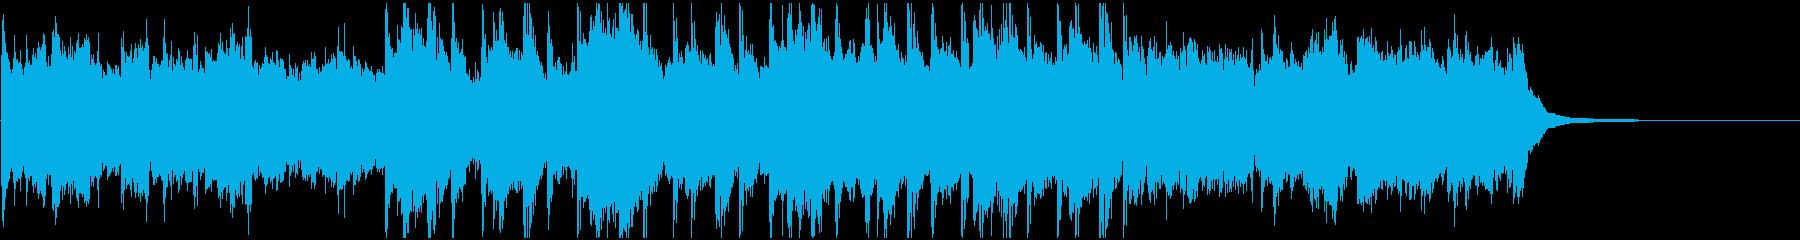 アンビエント アンビエントミュージ...の再生済みの波形